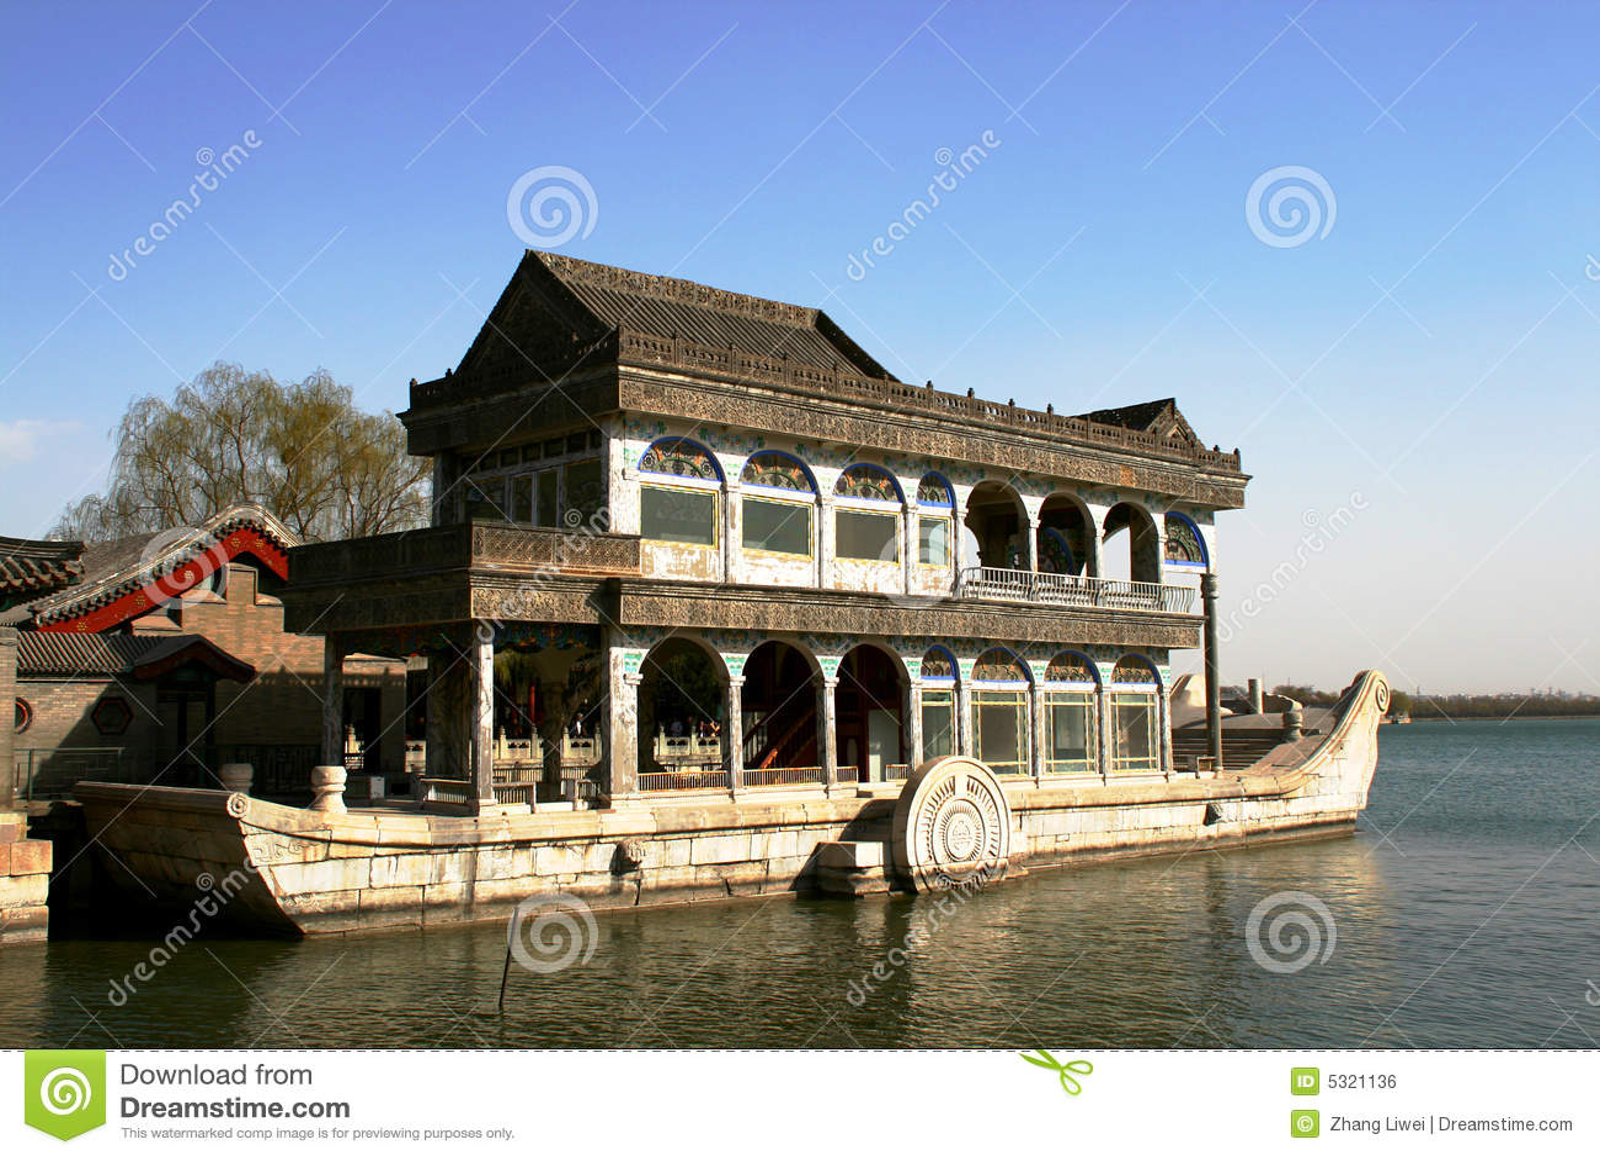 Download La barca di pietra fotografia stock. Immagine di kunming - 5321136